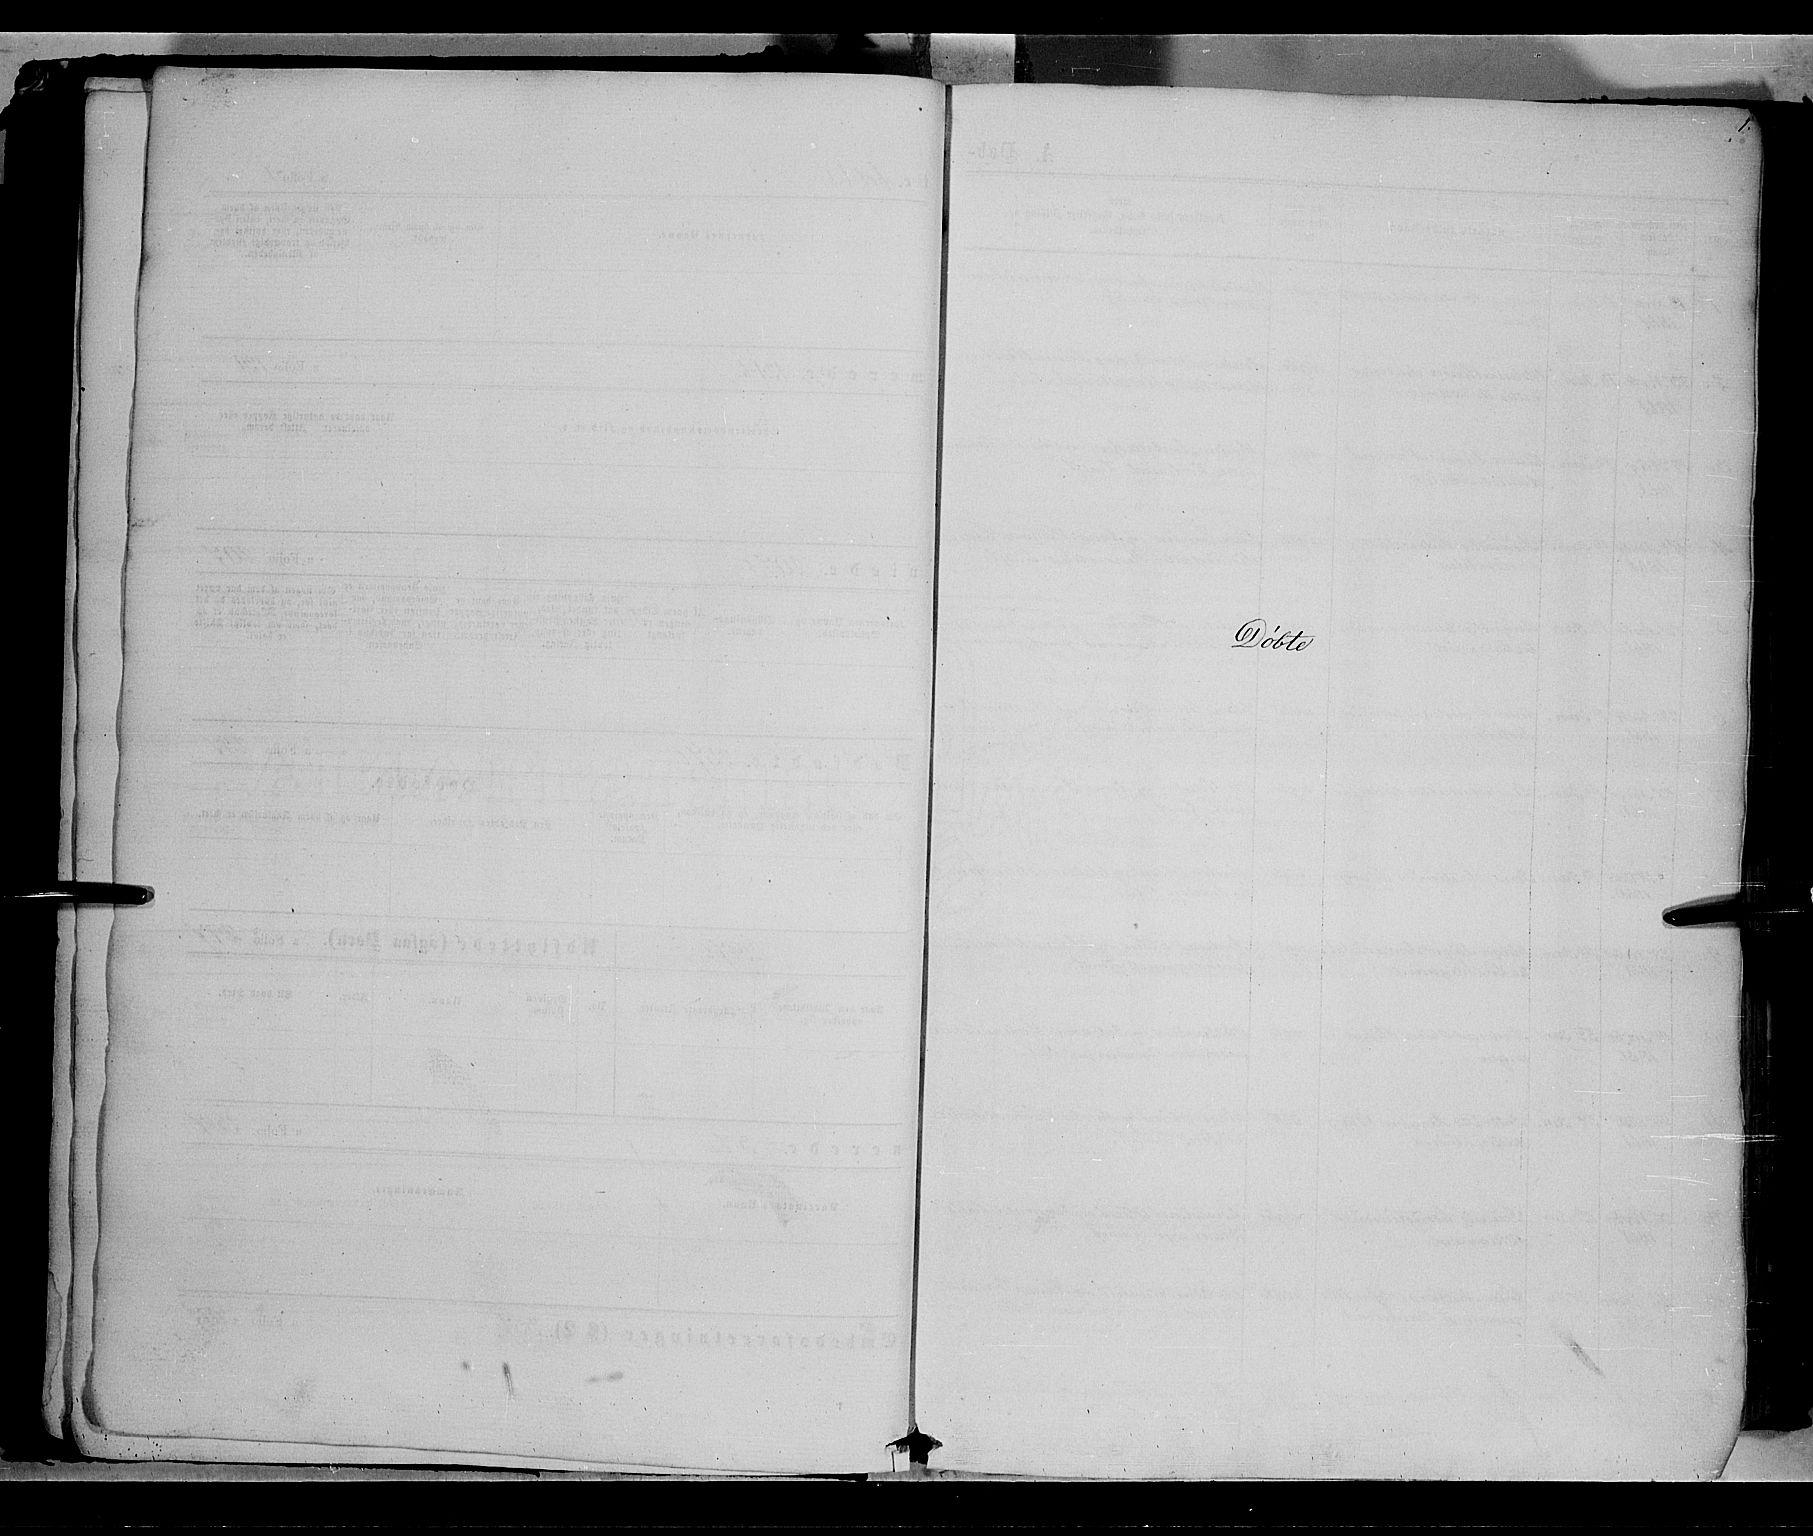 SAH, Vestre Toten prestekontor, Ministerialbok nr. 7, 1862-1869, s. 1